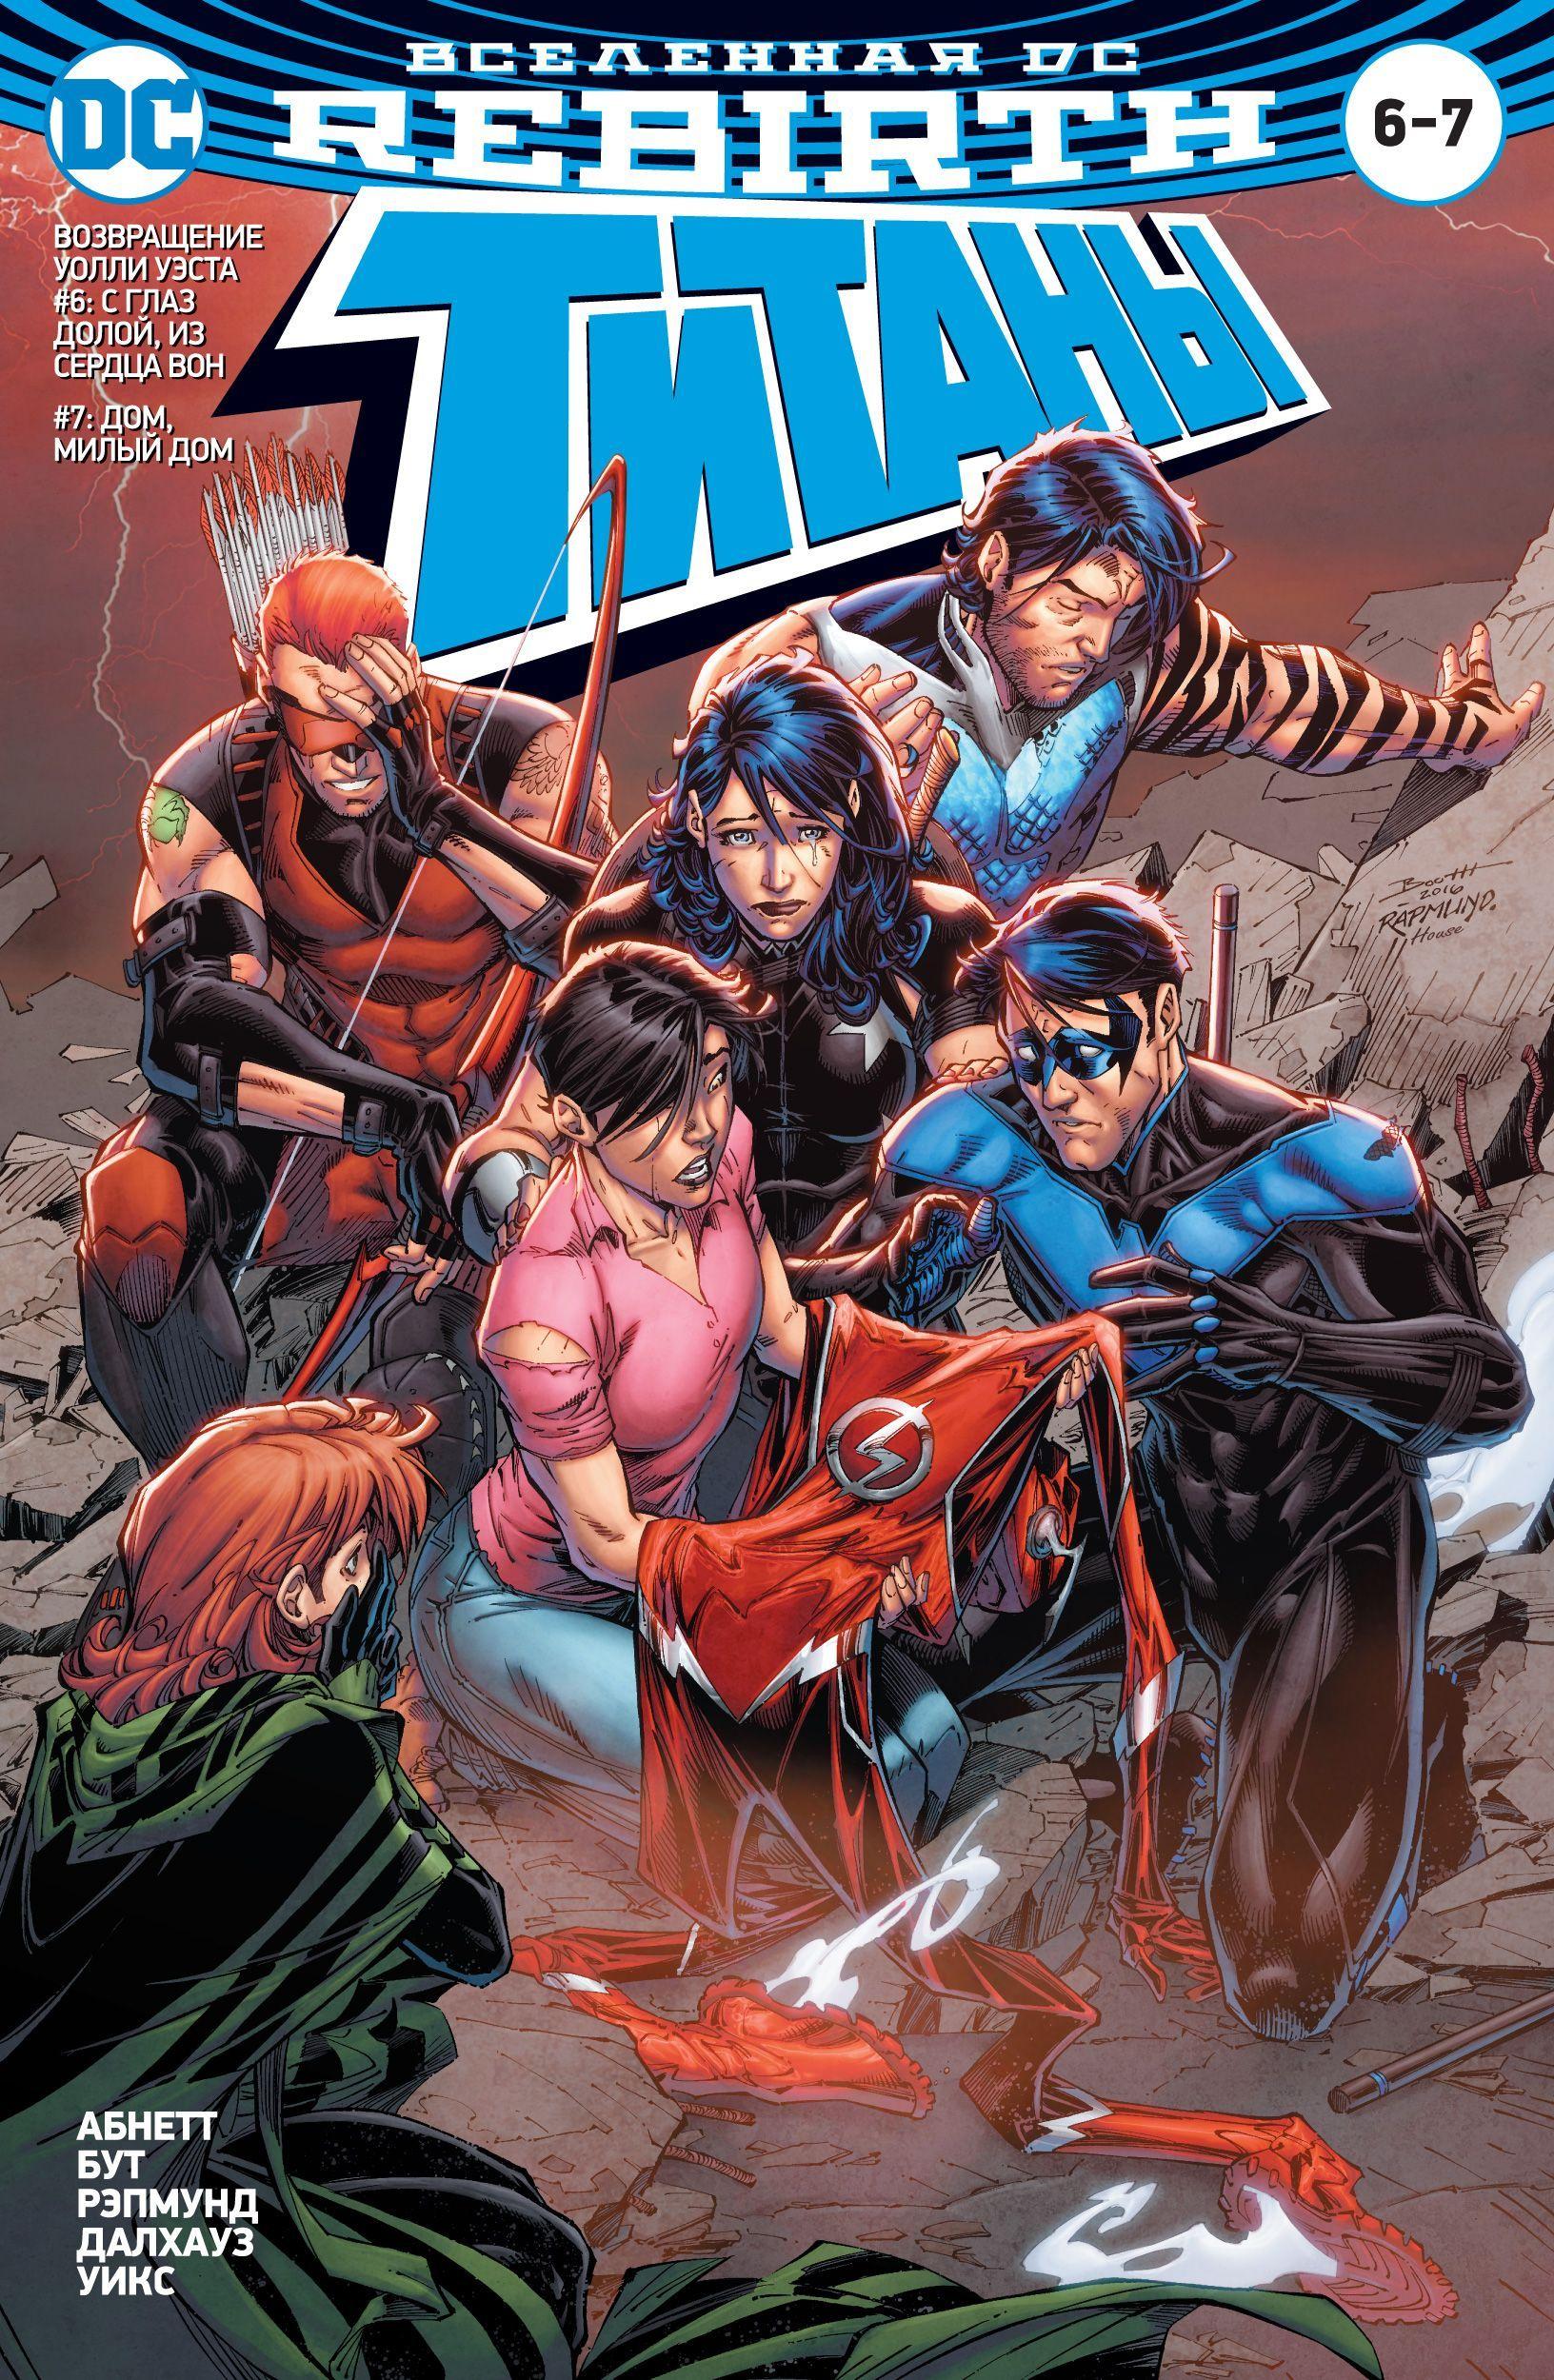 Графический роман Вселенная DC. Rebirth Титаны №6-7 / Красный Колпак и Изгои